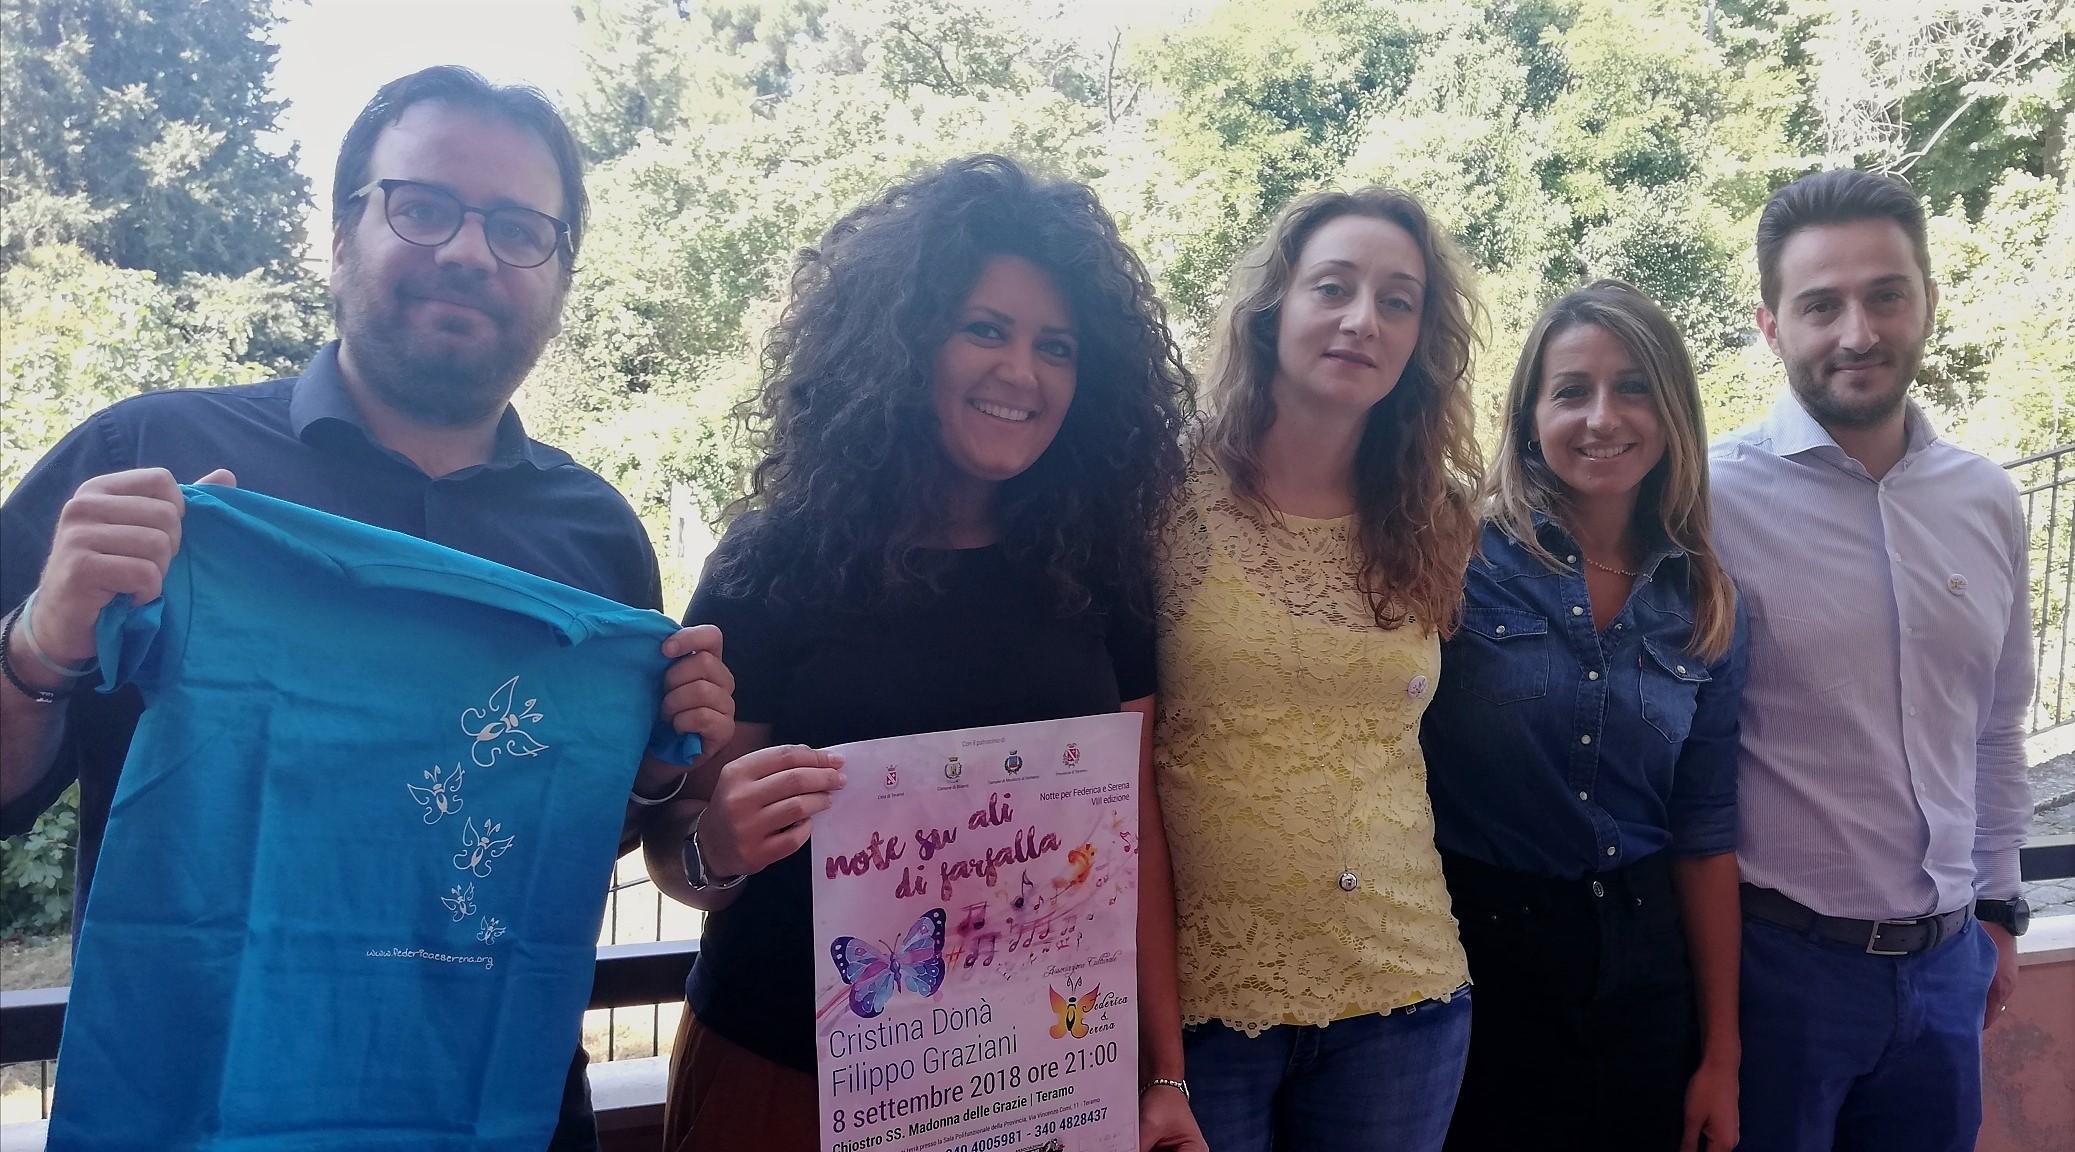 L'8 settembre l'ottava Notte per Federica e Serena con i cantautori Filippo Graziani e Cristina Donà